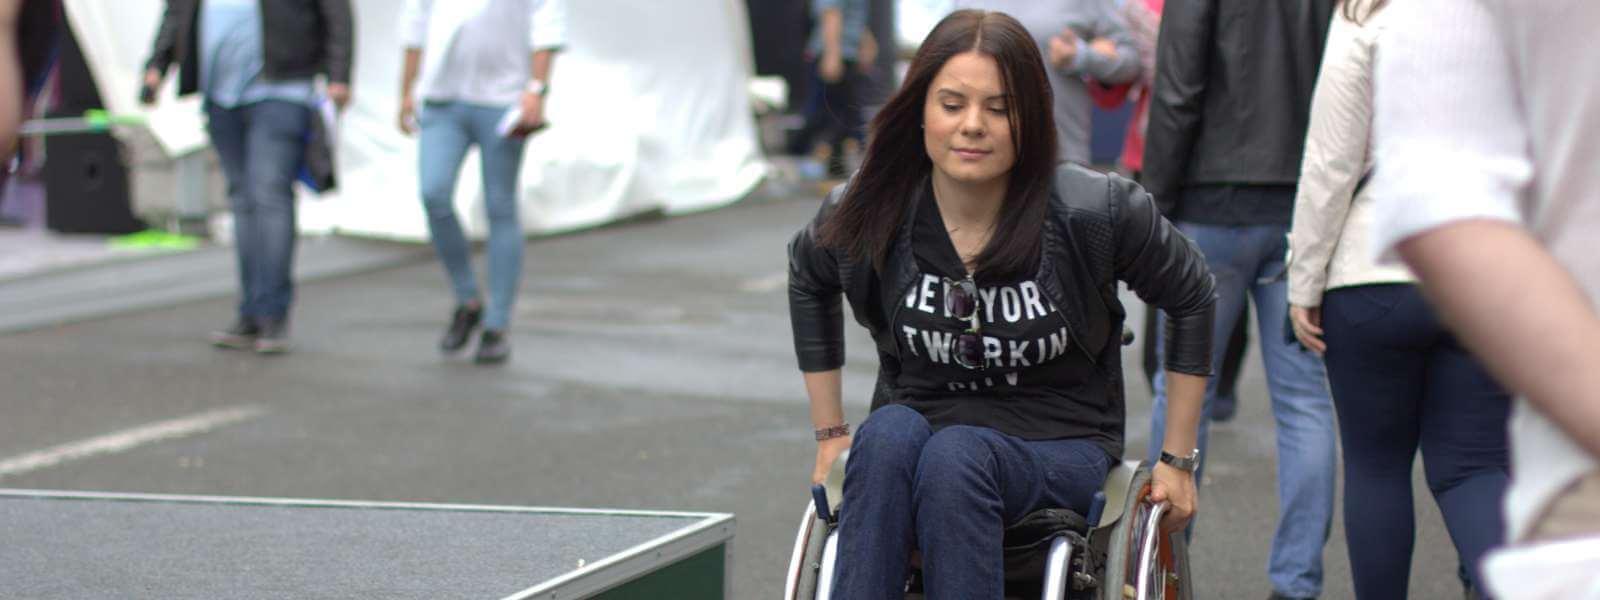 Юлія Ресенчук: «Я хочу сказати людям із інвалідністю, що не треба нічого боятися»